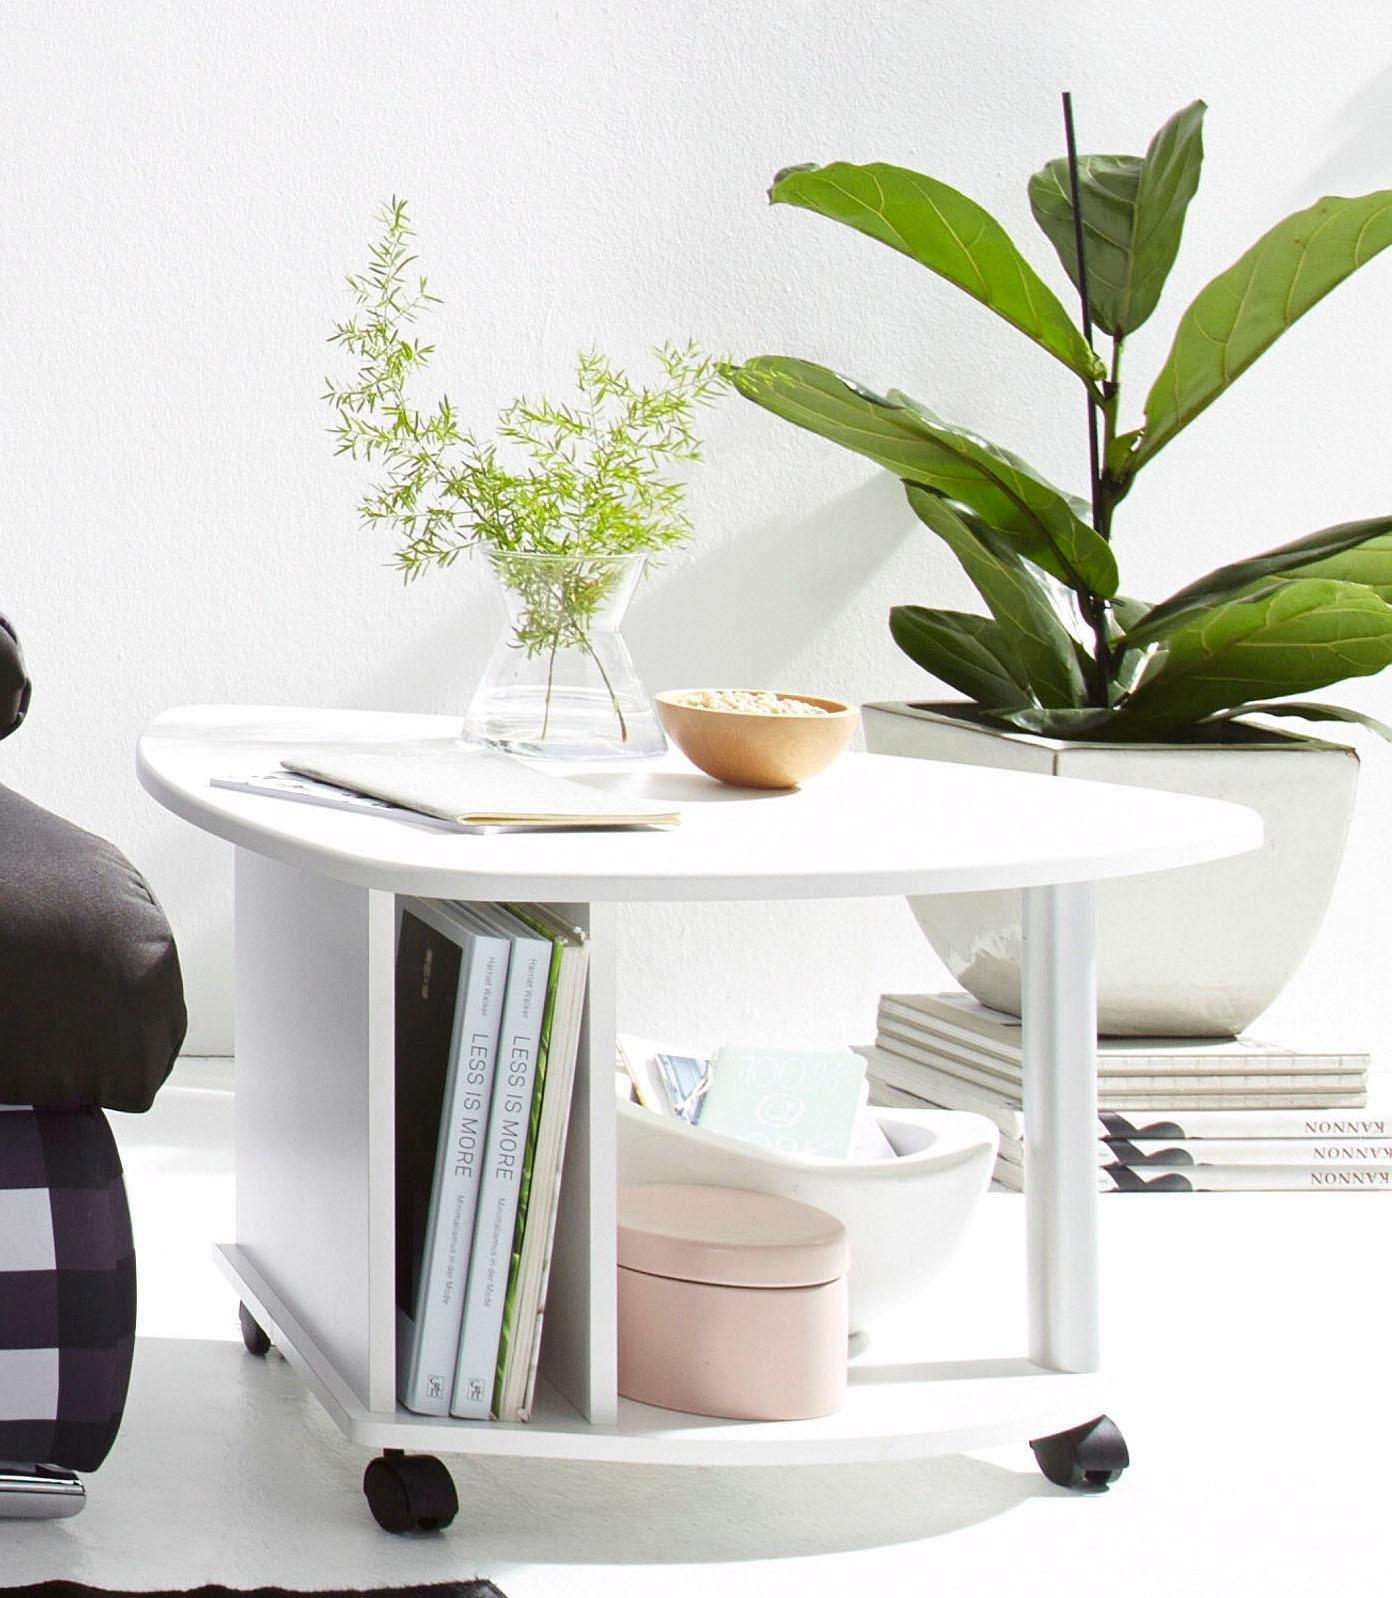 Op zoek naar een PRO Line salontafel op wieltjes, met plank en krantenvak? Koop online bij OTTO